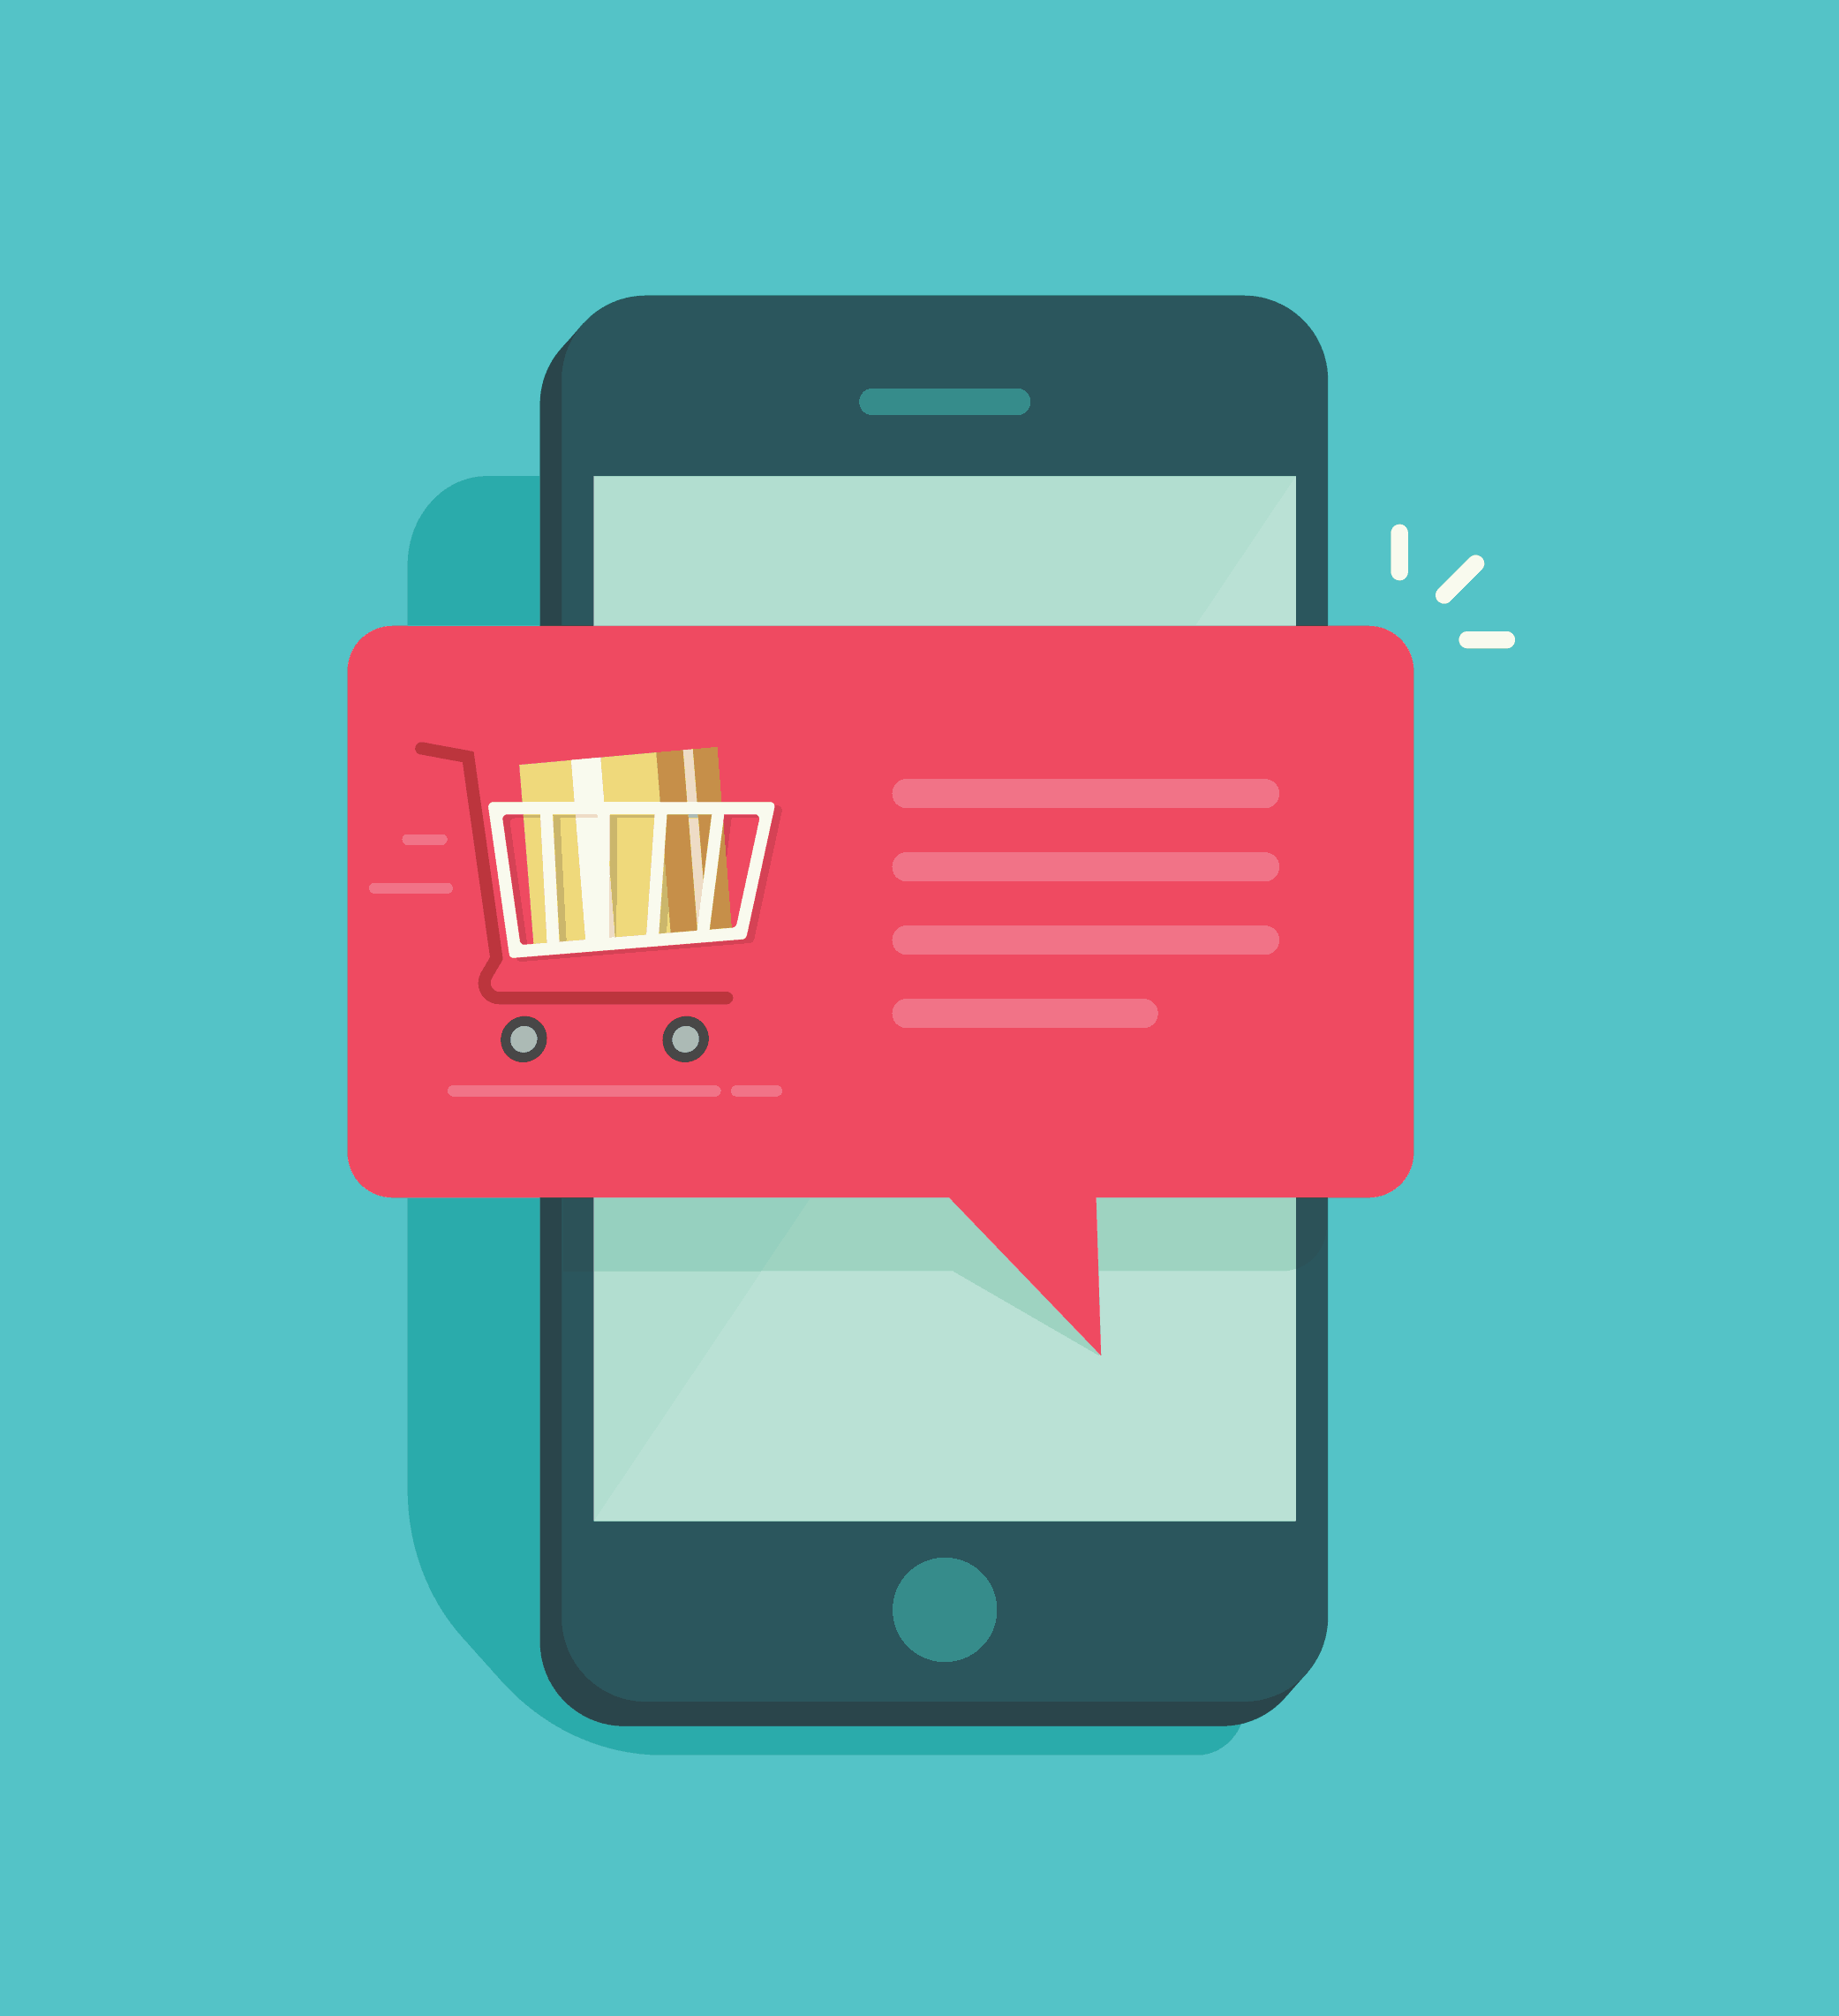 Publicités dynamiques Facebook : des nouveautés intéressantes pour les petits magasins en ligne